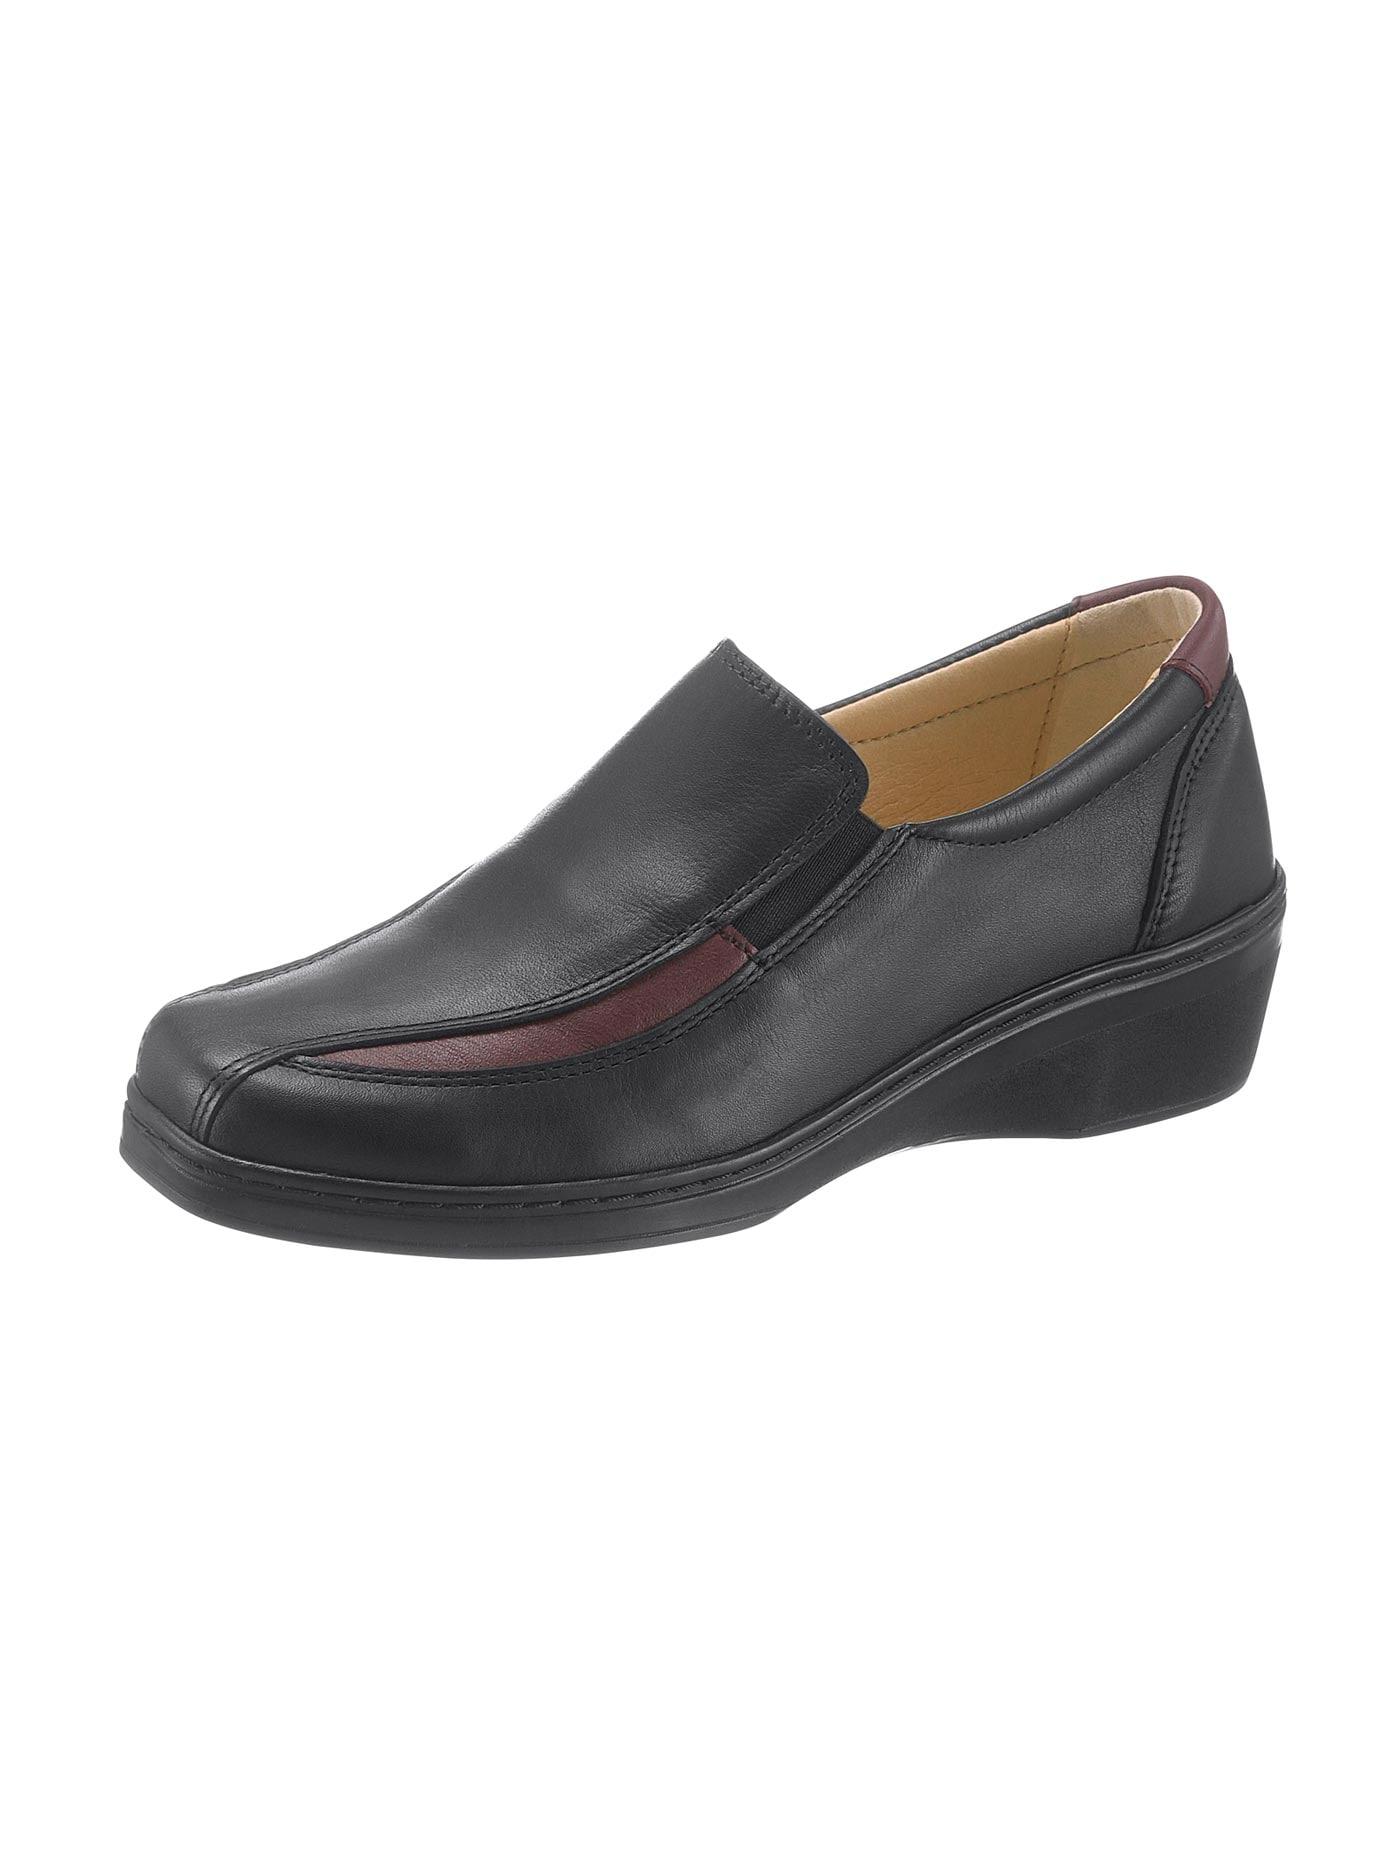 Classic Slipper mit 5-Zonen-Fubett kaufen | Gutes Gutes | Preis-Leistungs-Verhältnis, es lohnt sich 81ad9e